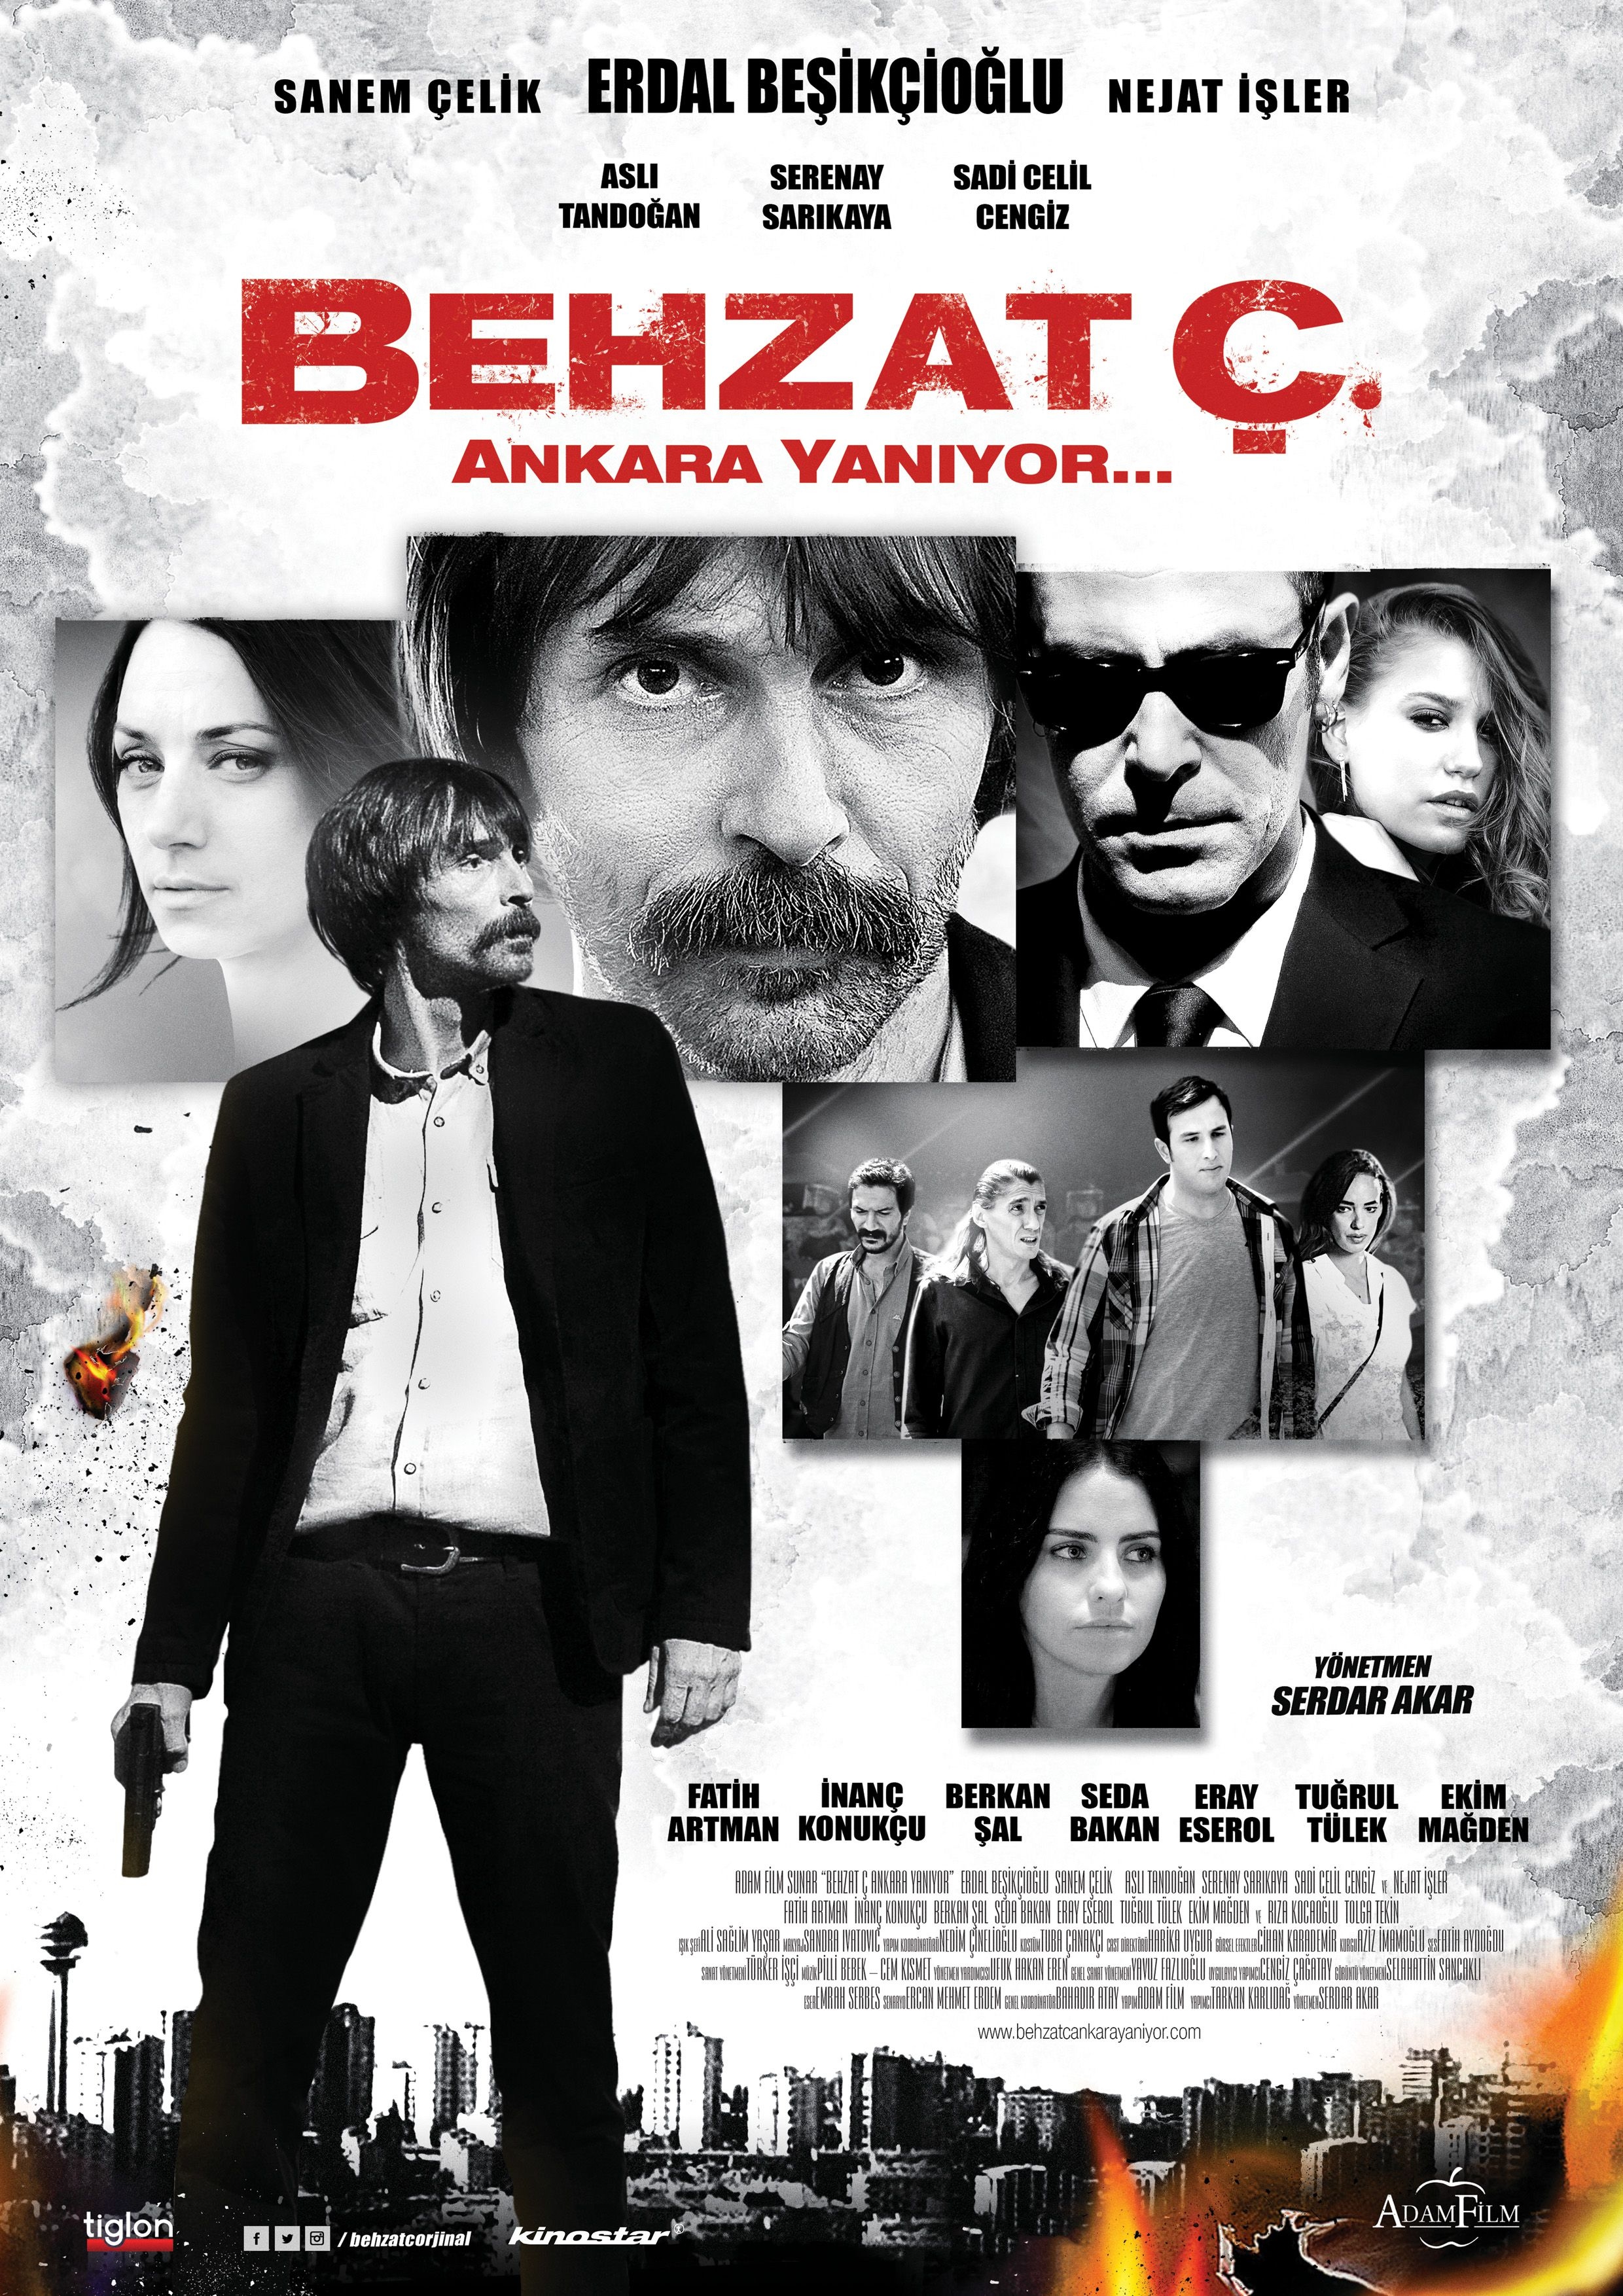 Behzat Ç.: Ankara Yaniyor - Film (2013)